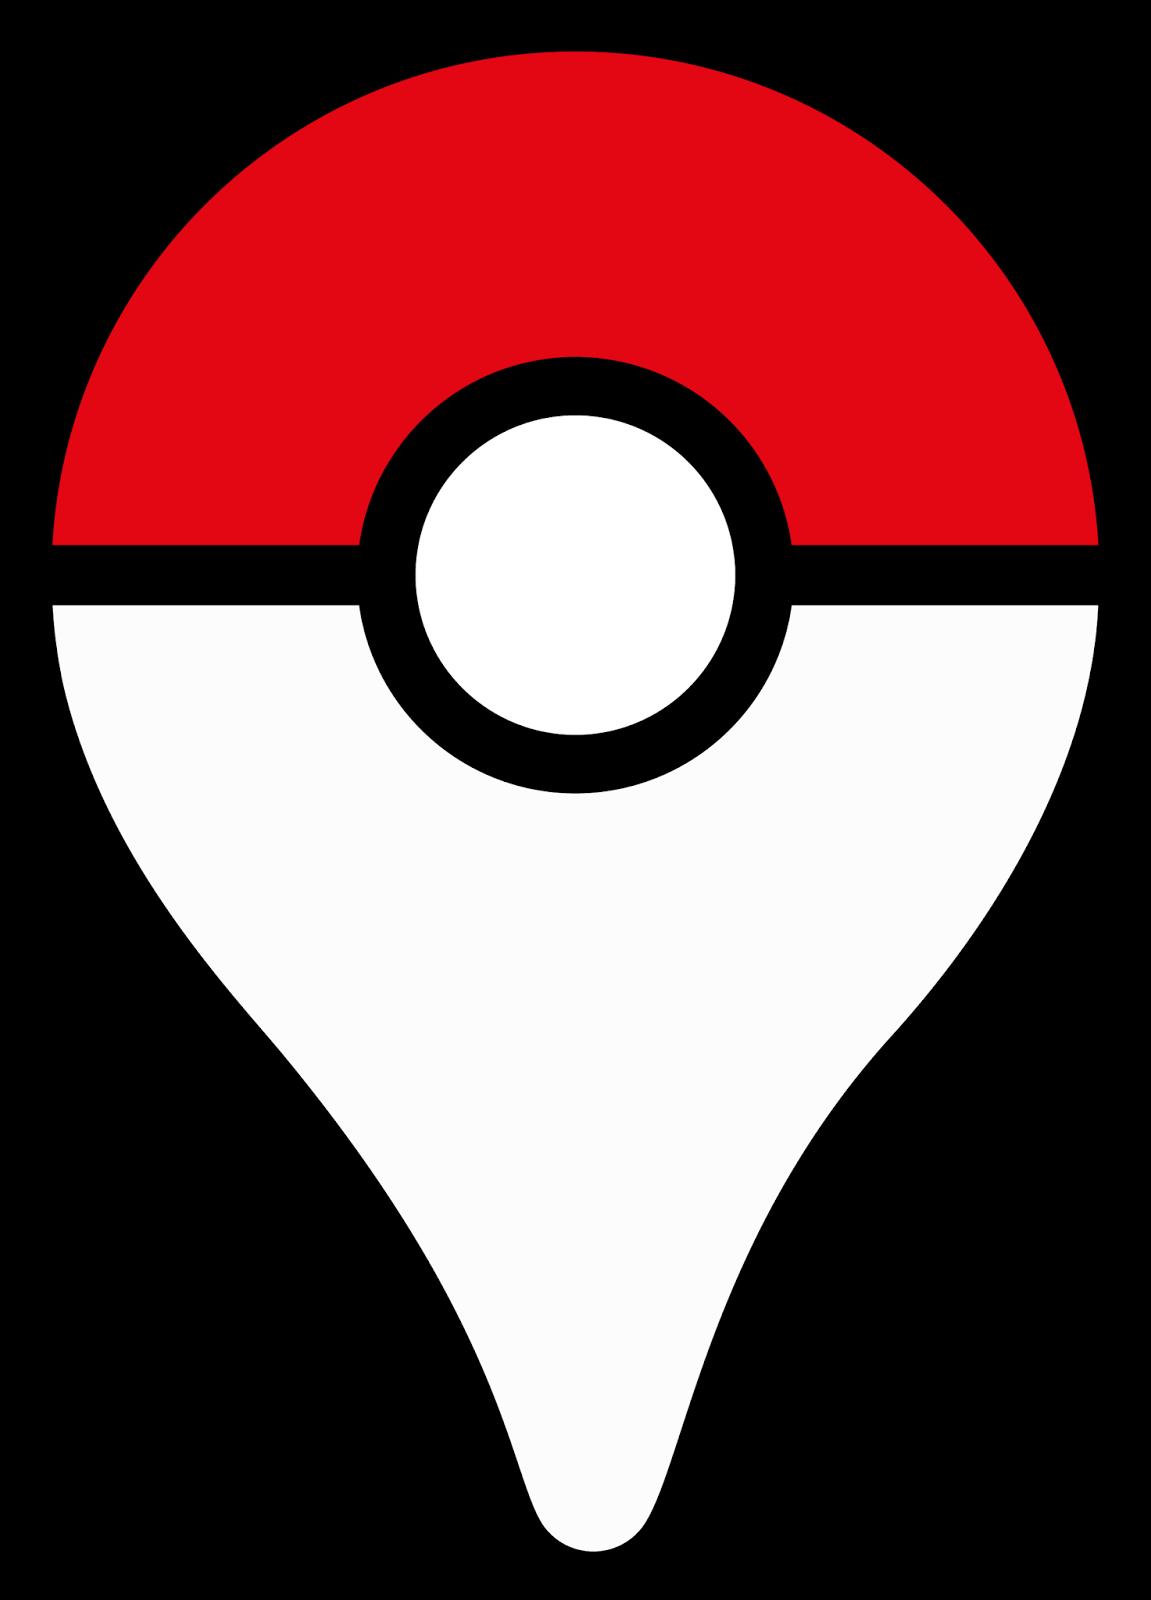 Vetor Logo Pokemon Go Illustrator Png Logo Pokemon Decor Pokemon Pokemon Go